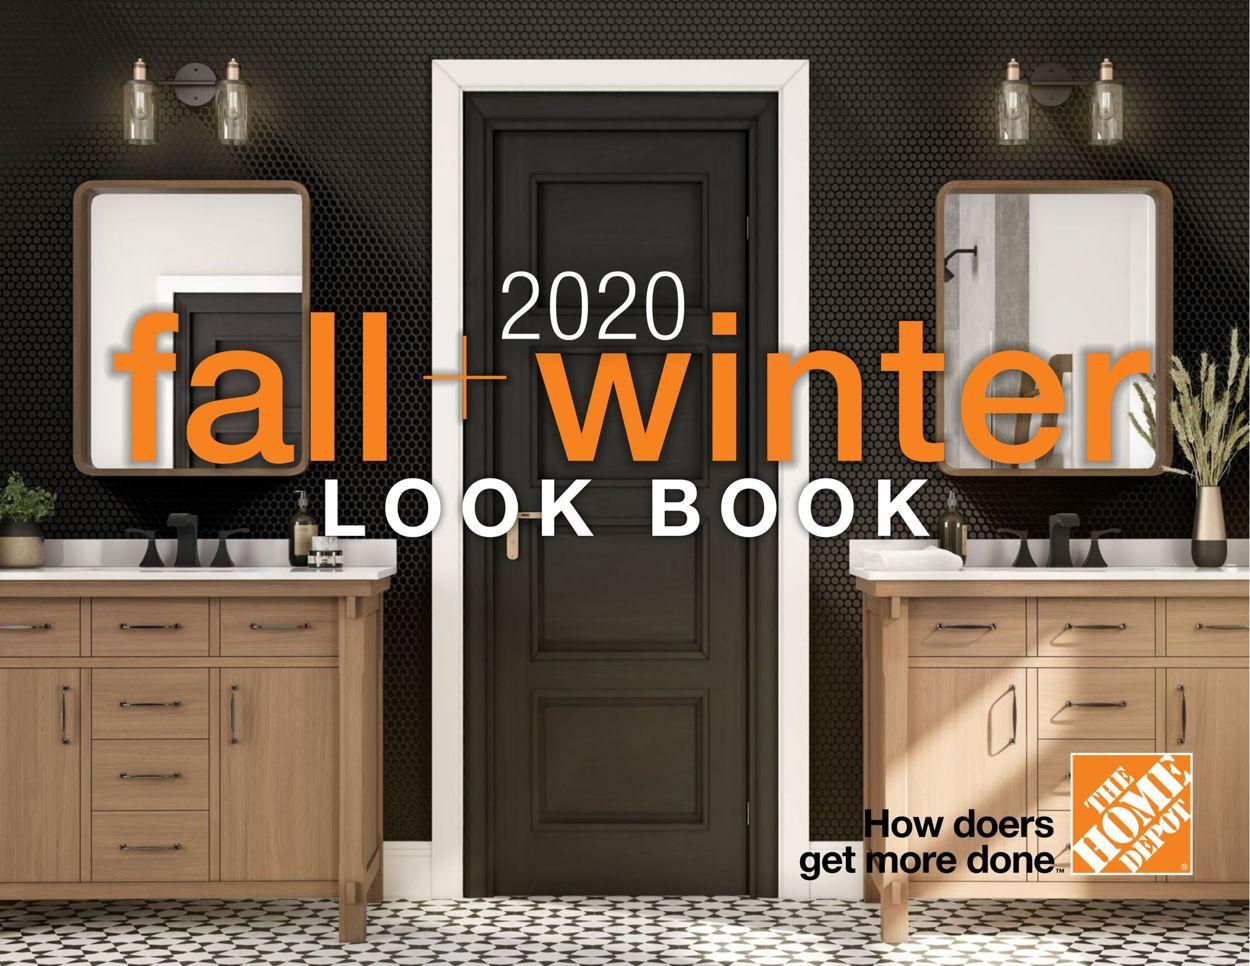 Home Depot Flyer - 10/15-12/30/2020